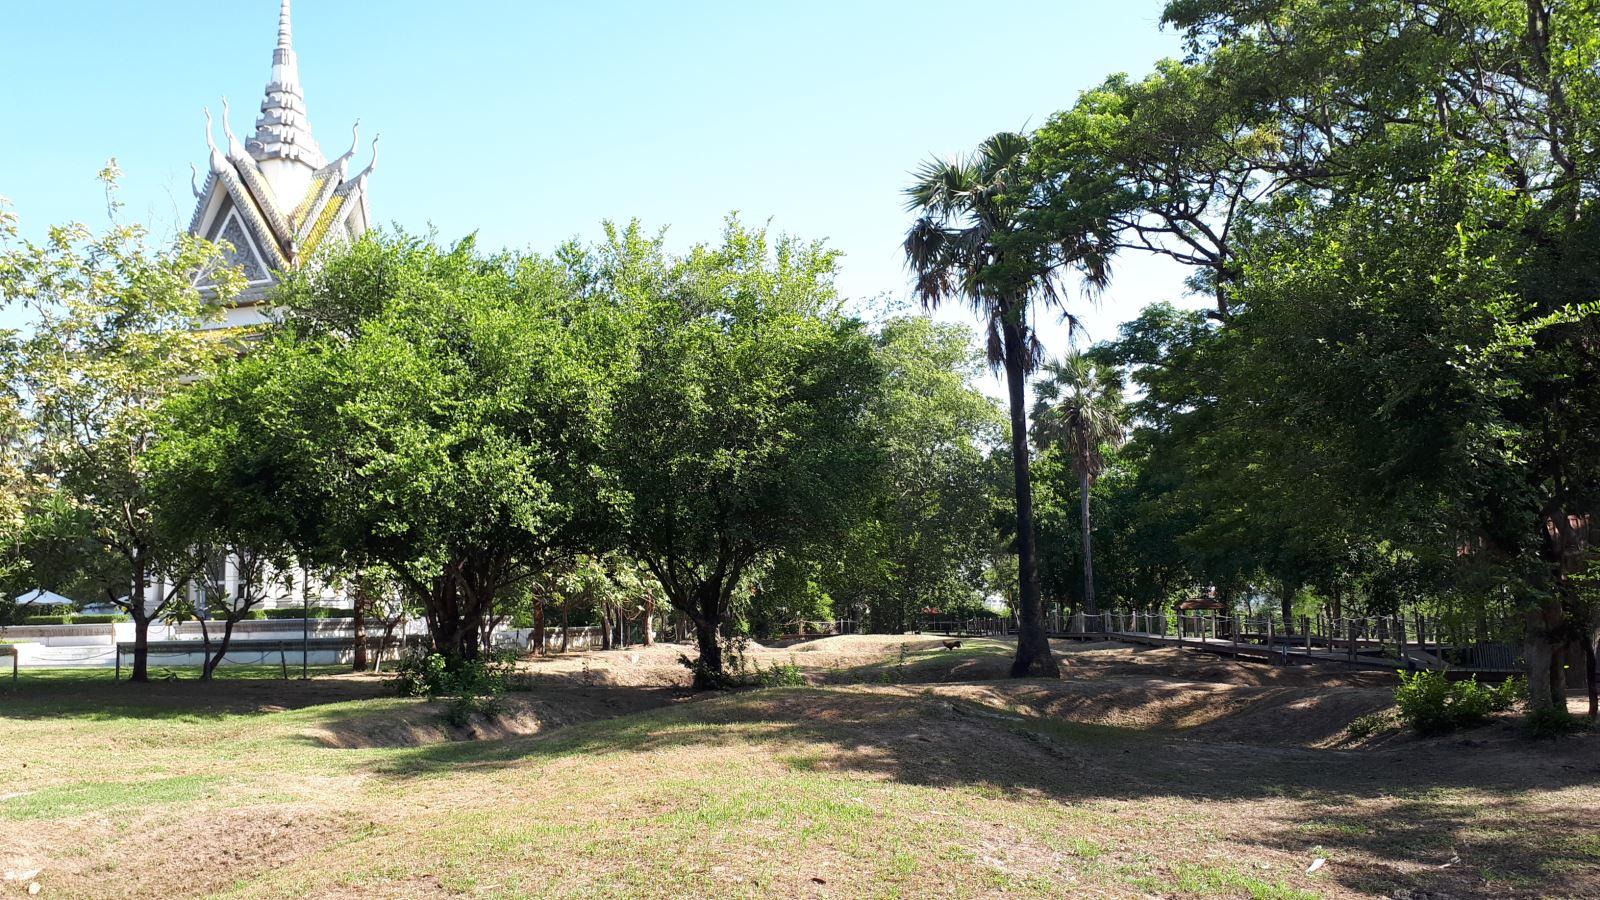 Những hố chôn tập thể được giữ nguyên trang dưới những tán cây xanh ở Cánh đồng chết Campuchia